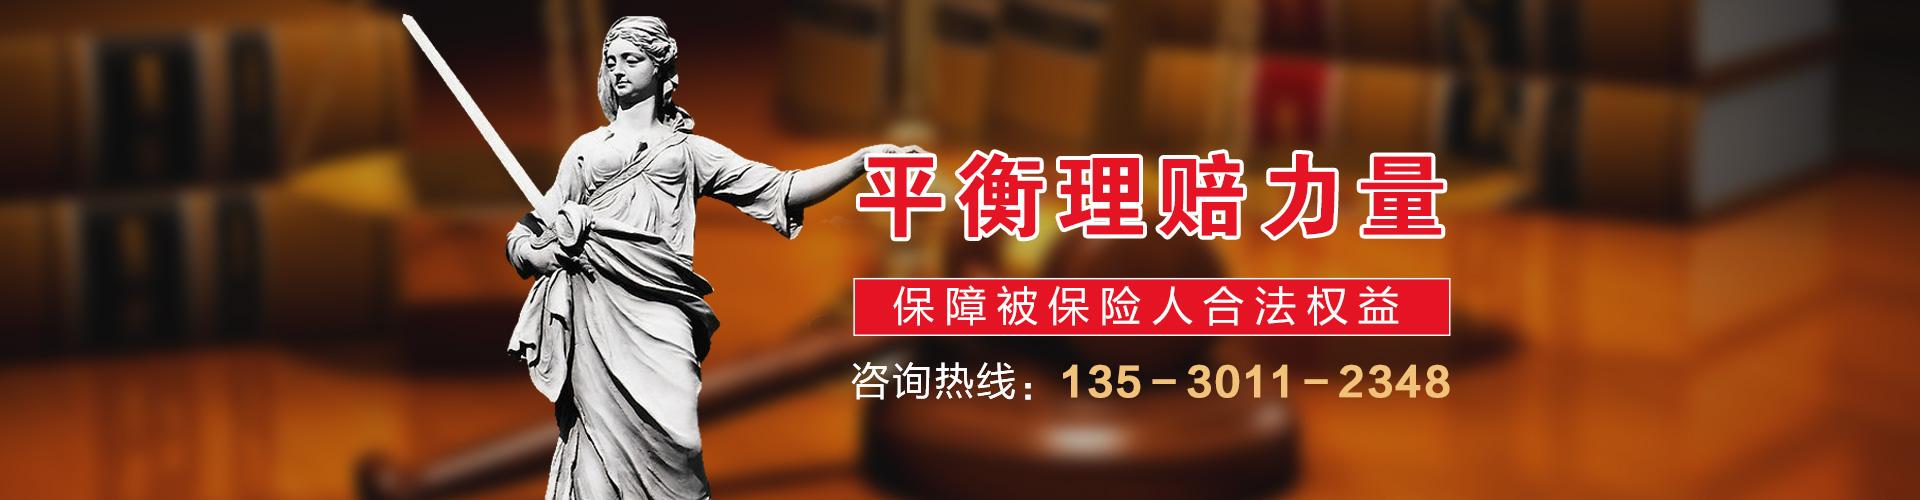 广东庞琨律师